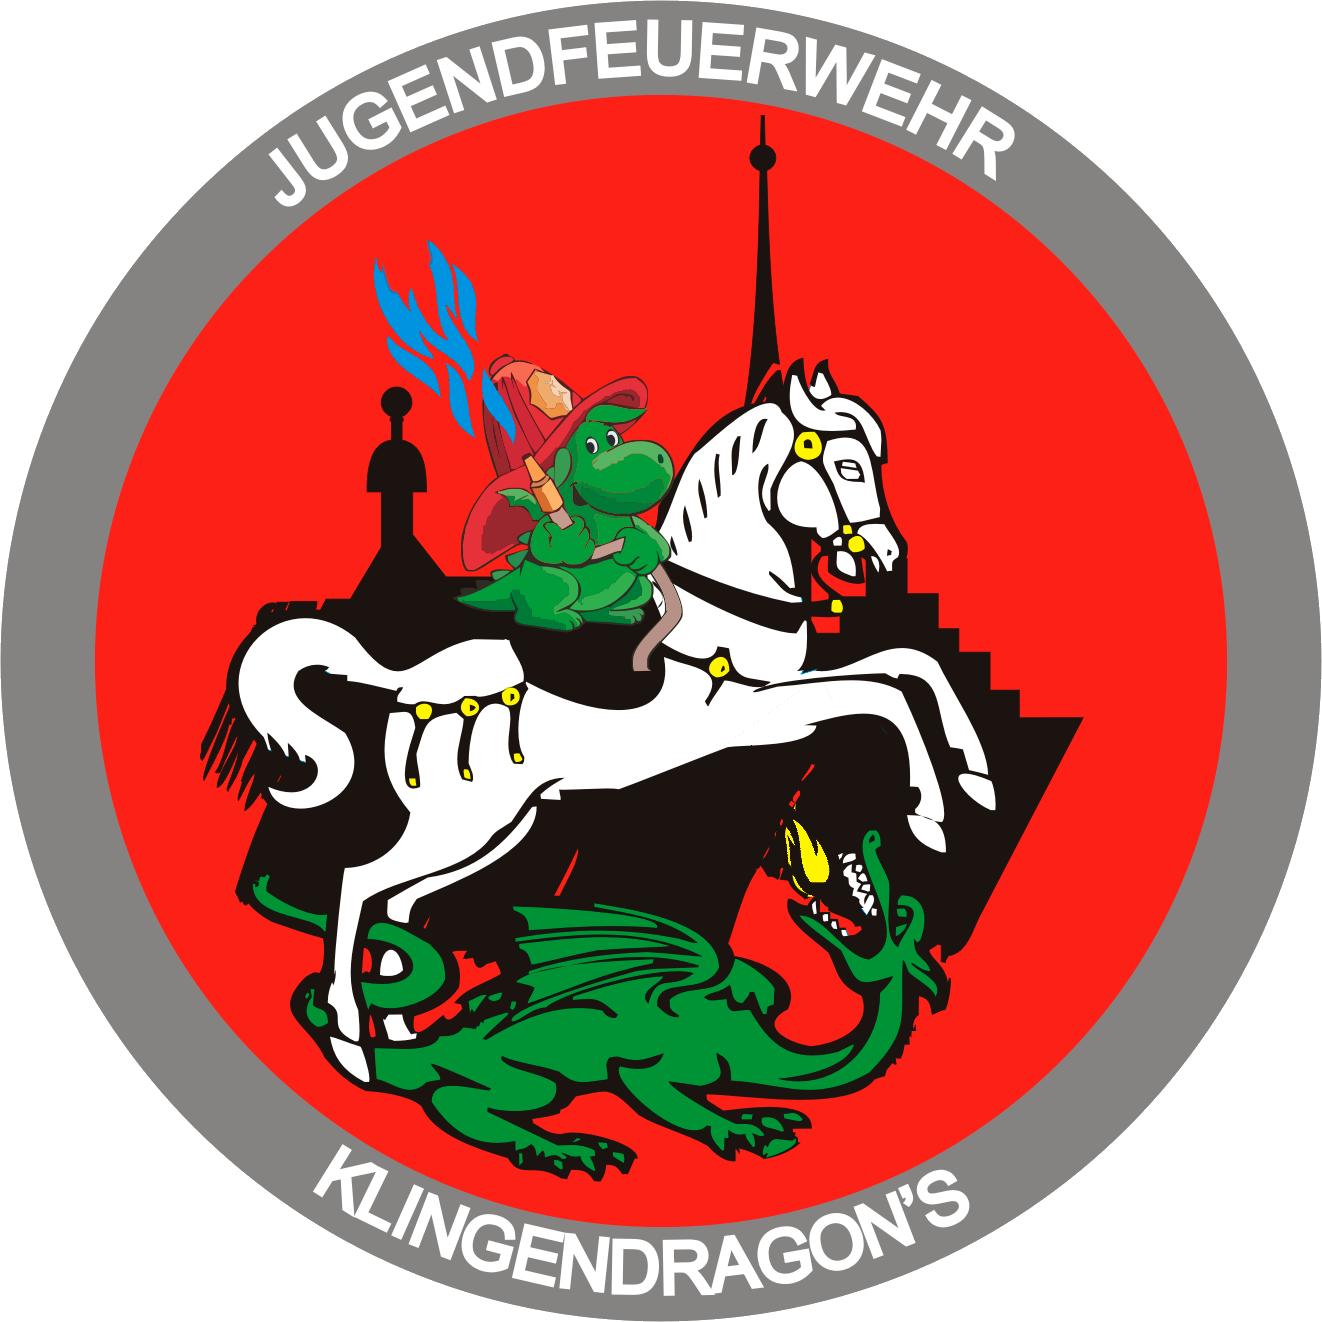 Jugendfeuerwehr Stein am Rhein